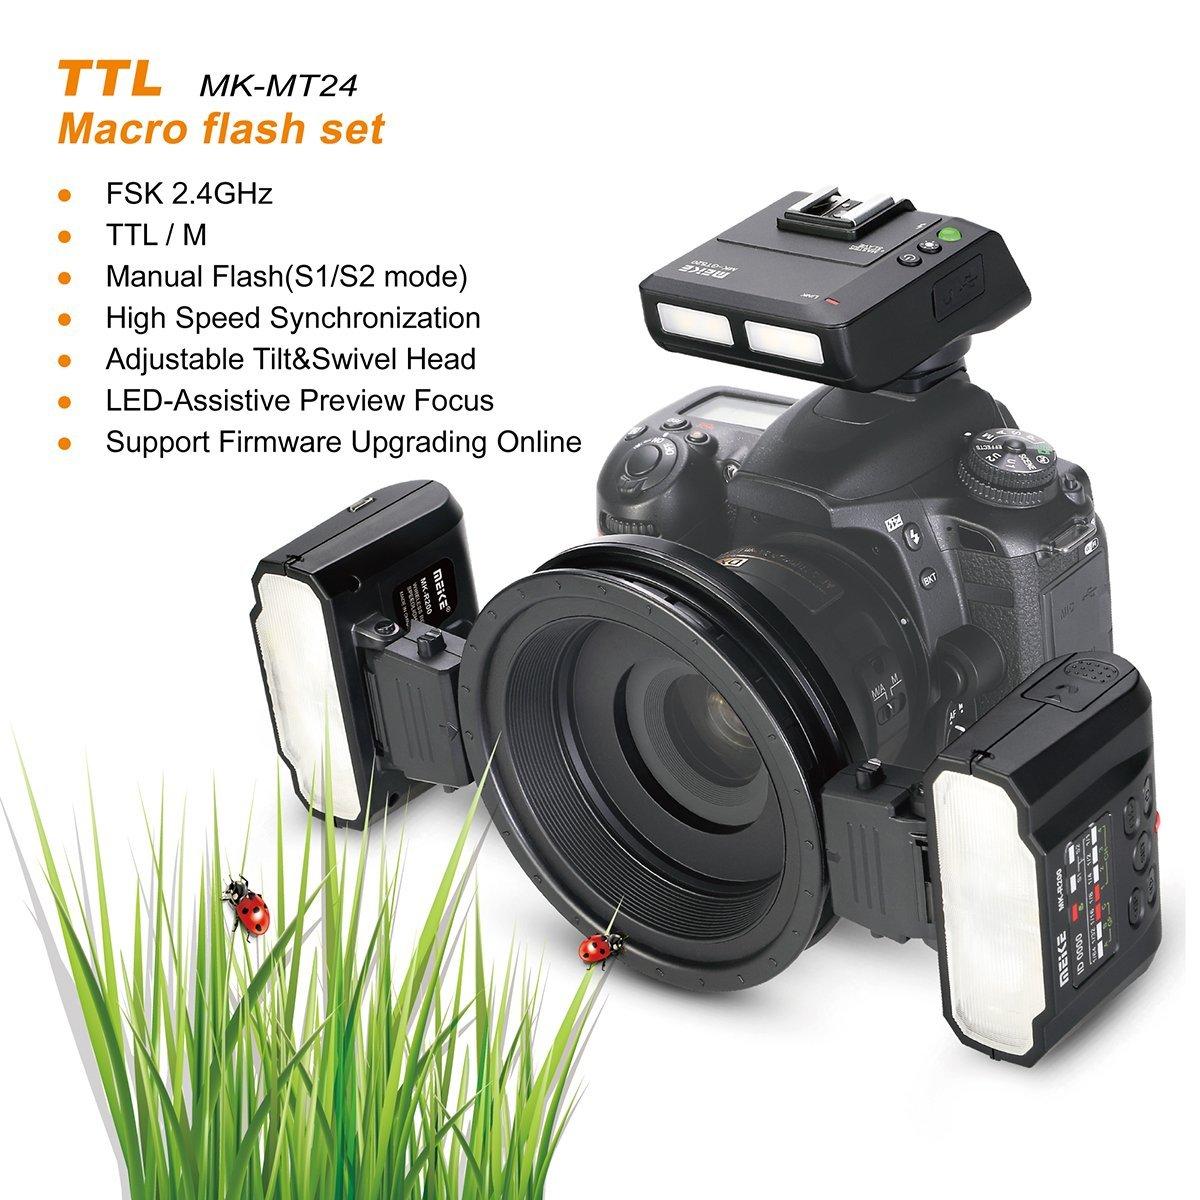 Meike MK MT24 Macro Twin Lite 5500K Flash for Nikon D3400 D5300 D7200 D750 D5600 D3200